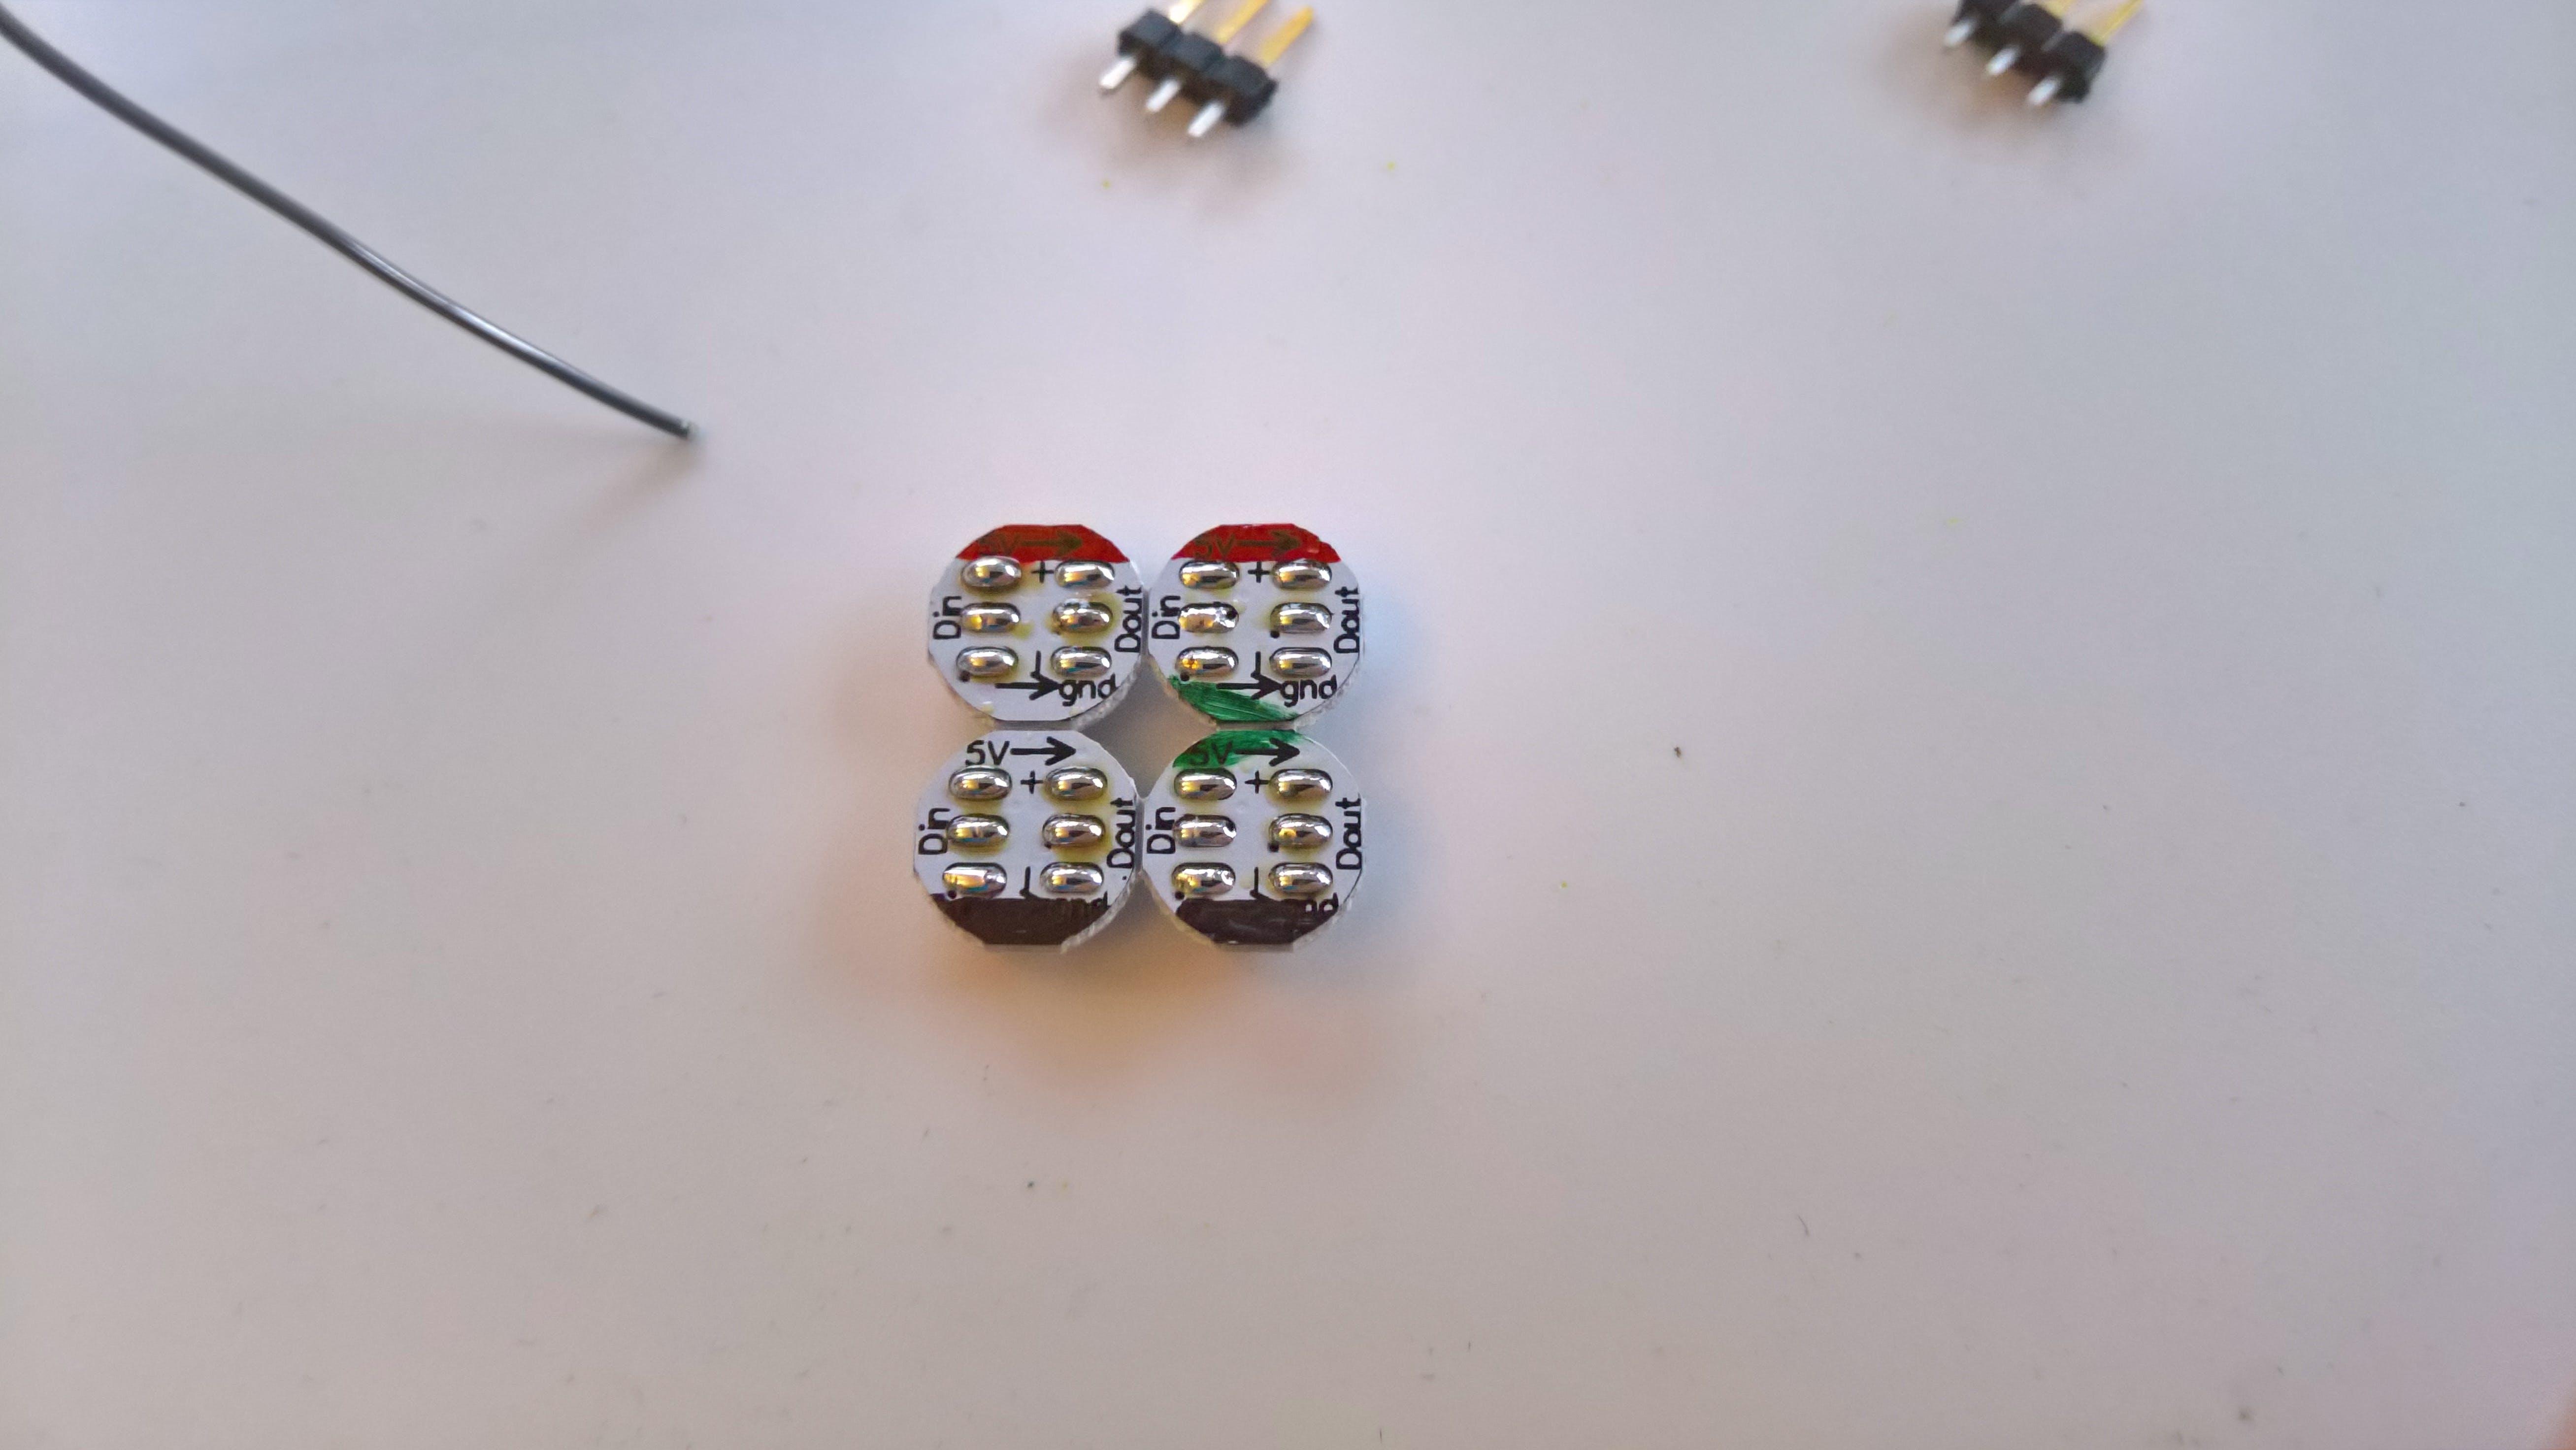 Each island has gotten a bit of solder